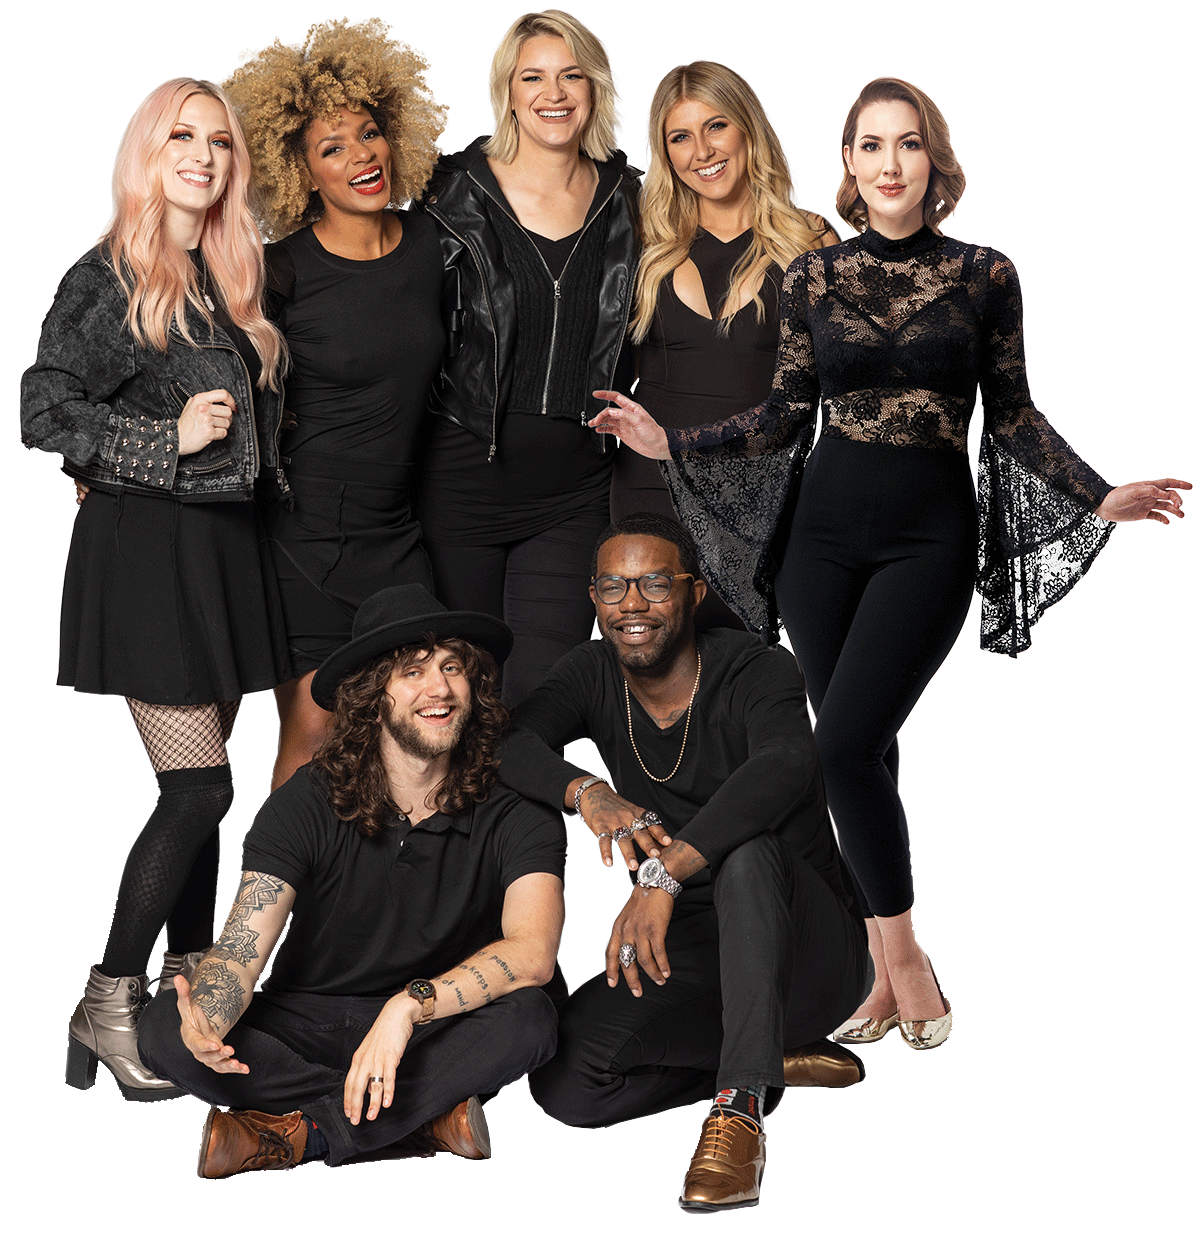 2019 CosmoProf Artistic Team